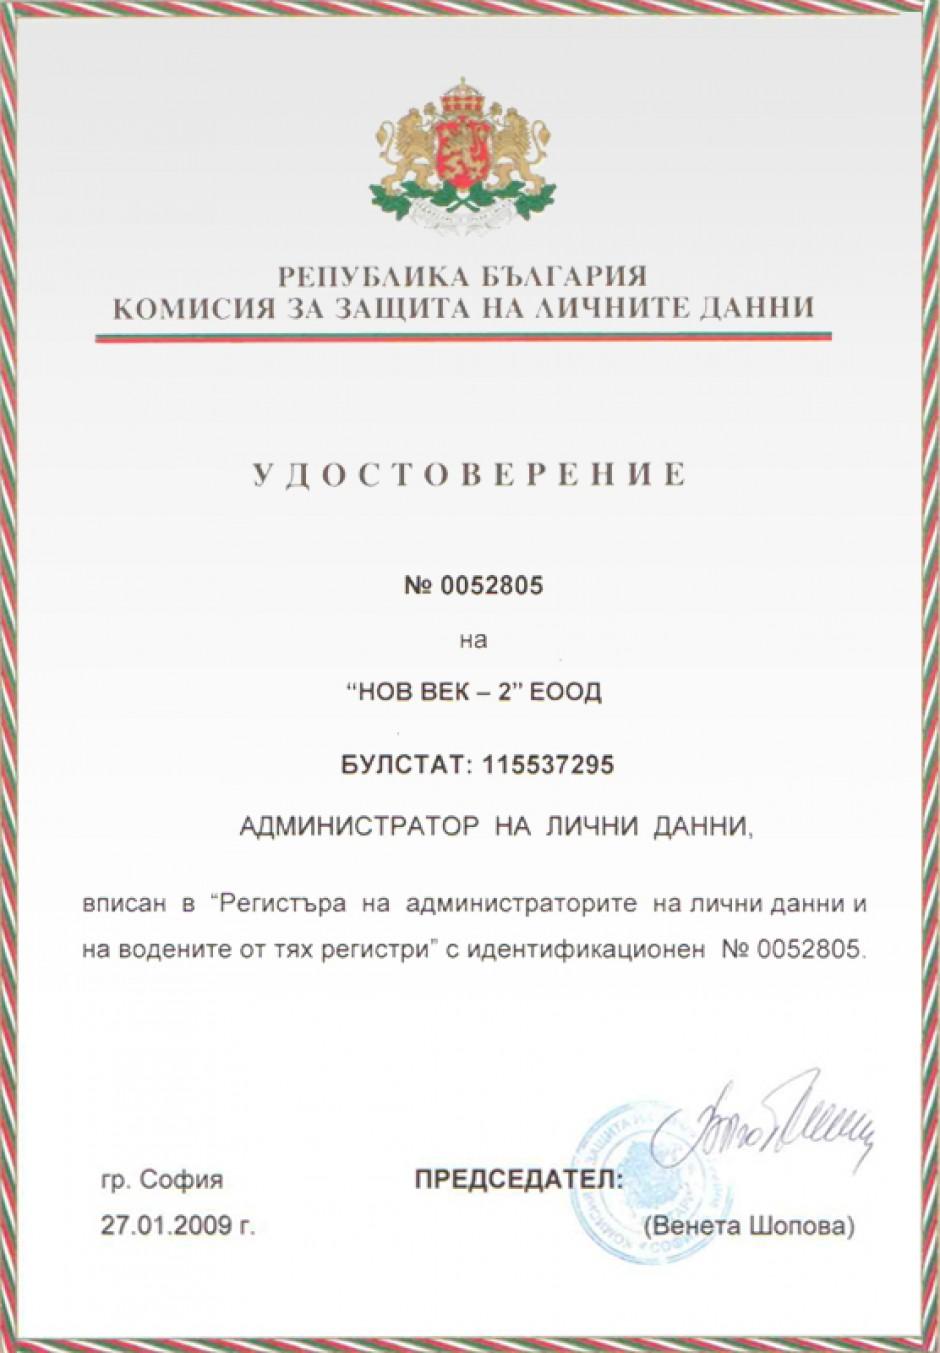 Удостоверение ЛД